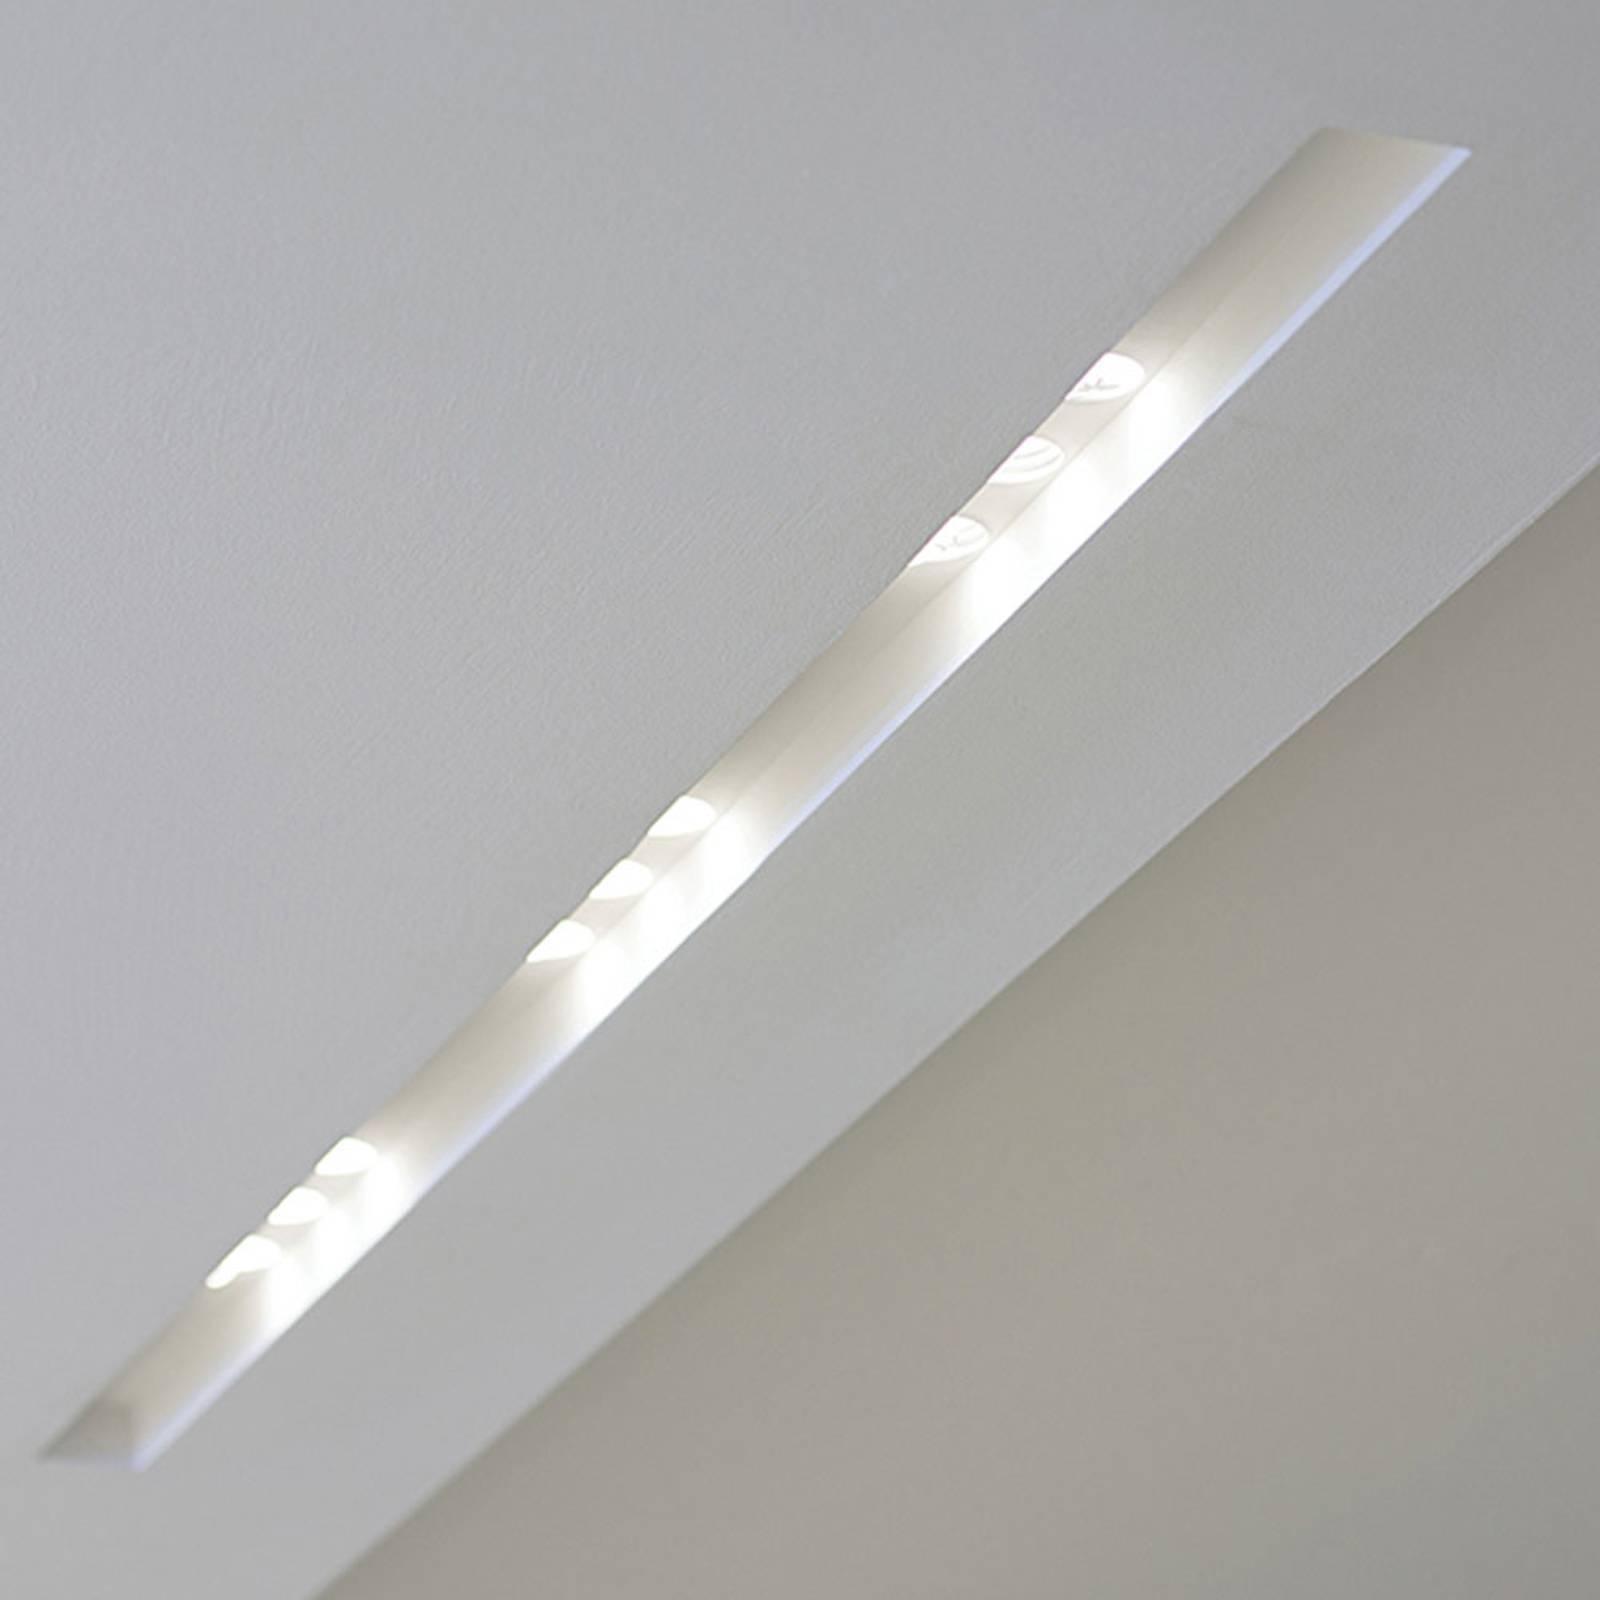 LED-kattouppovalaisin 4191C GU10 pituus 20,5 cm